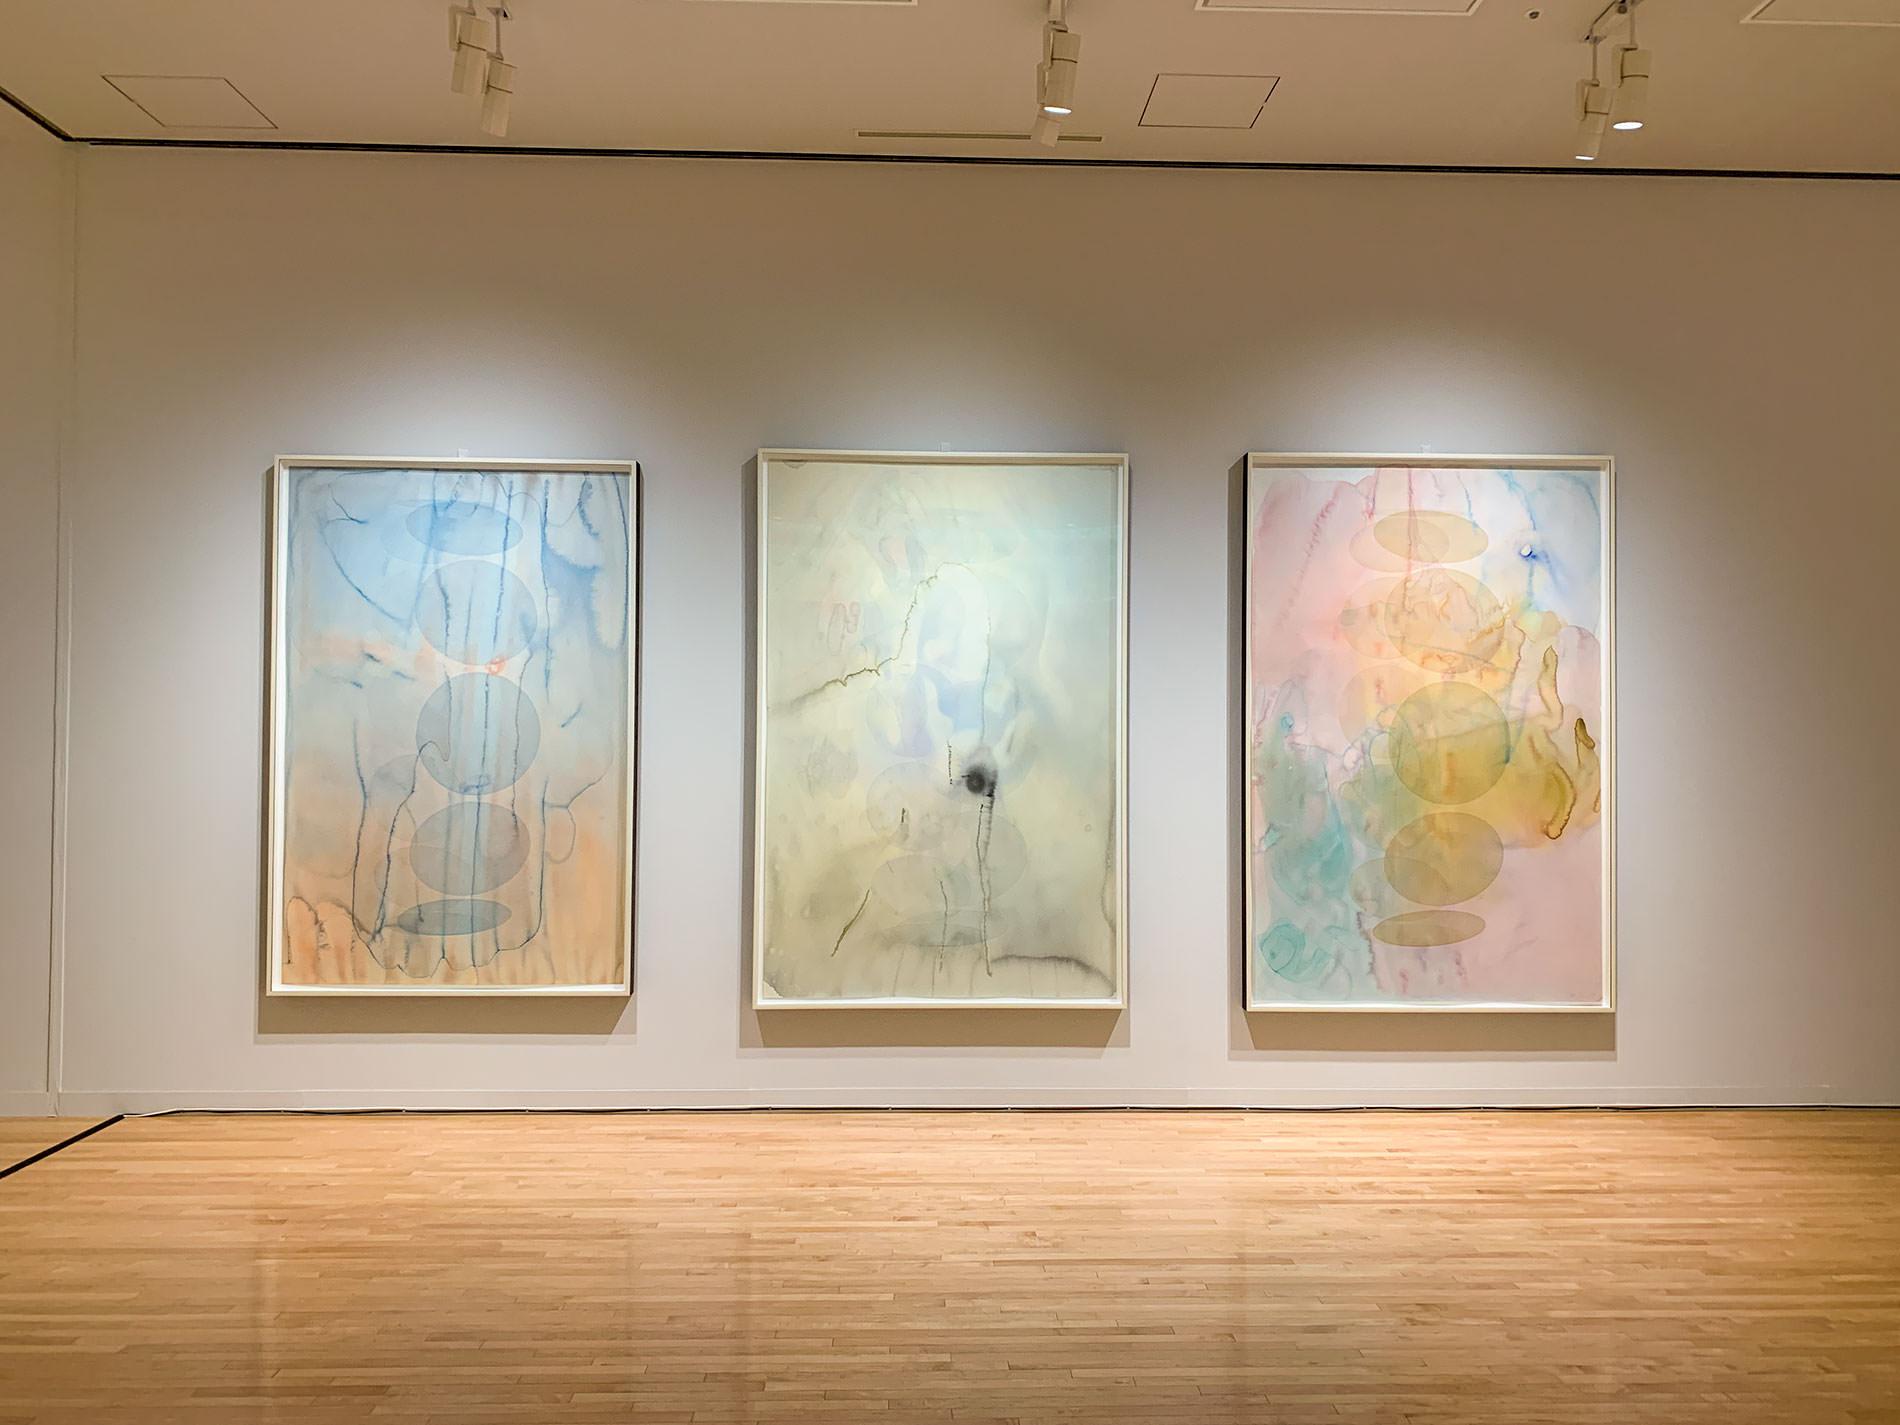 オラファー・エリアソン 「ときに川は橋となる」展 | あたなの移ろう氷河の形態学 | 東京都現代美術館 / Olafur Eliasson | Your passing glacial morphology | MUSEUM OF CONTEMPORARY ART TOKYO 2020